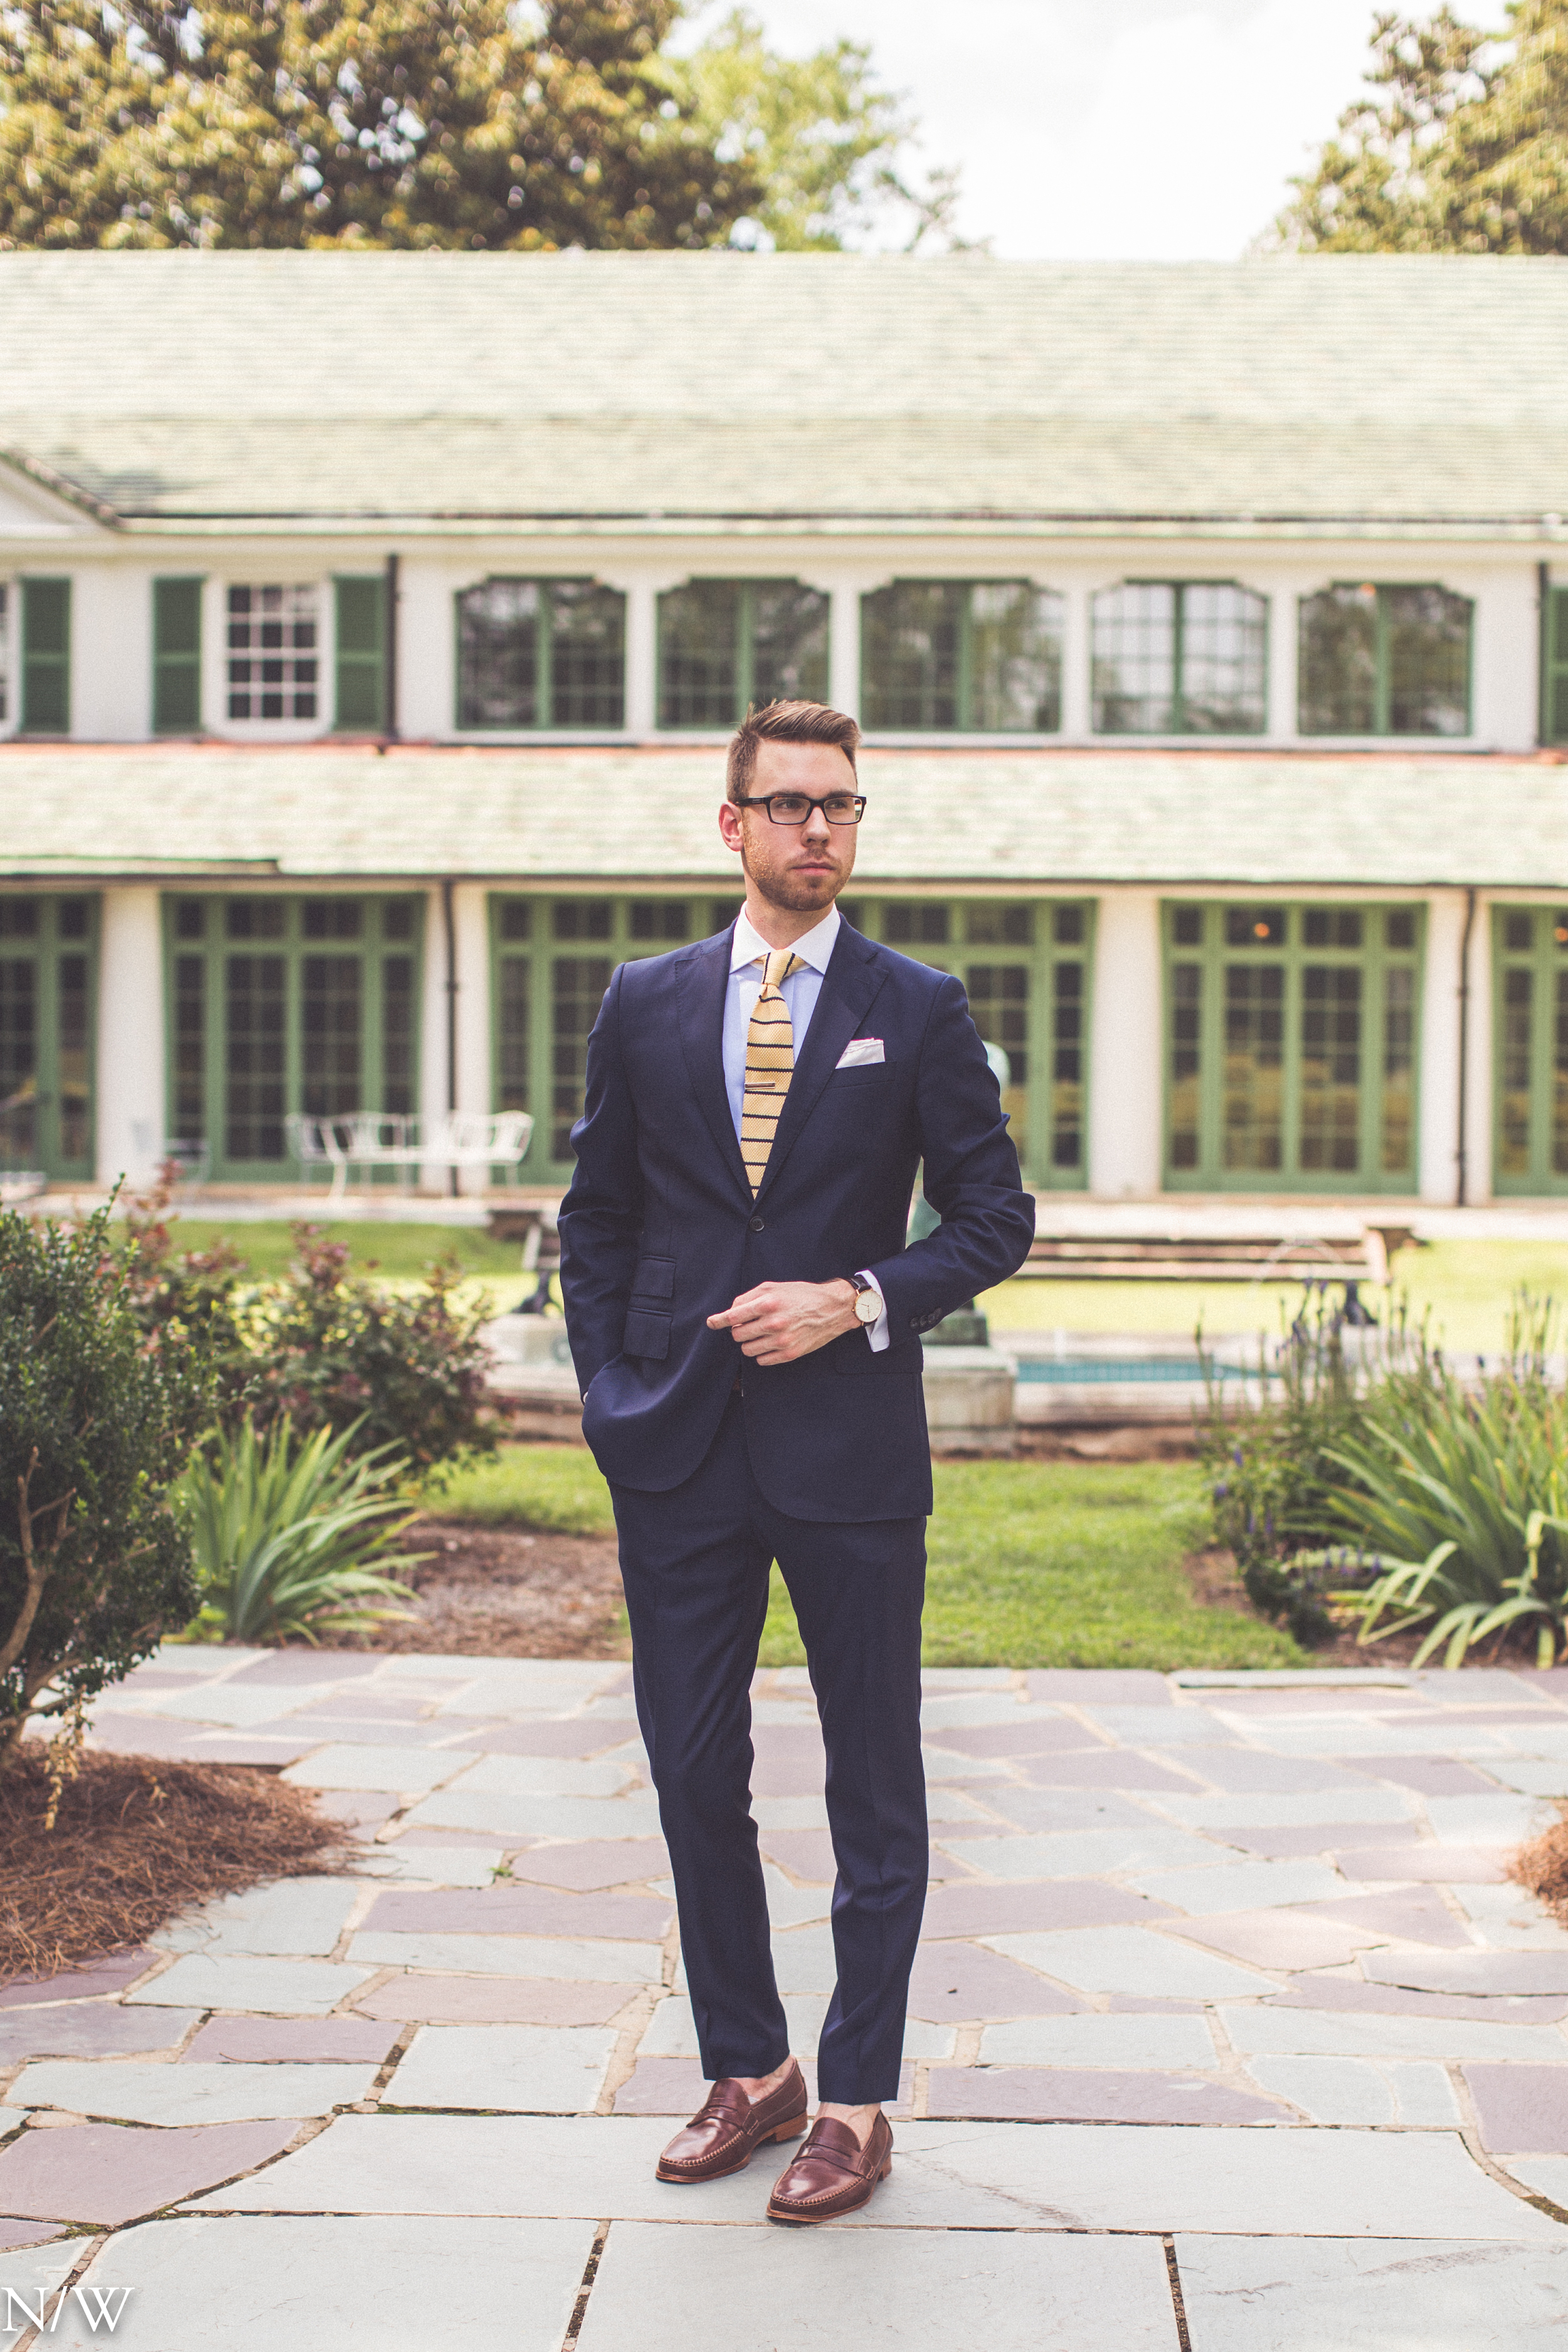 Shirt: Ledbury, Suit: J. Lindeburg, Shoes: Johnston & Murphy, Glasses: Burberry, Watch: Daniel Wellington